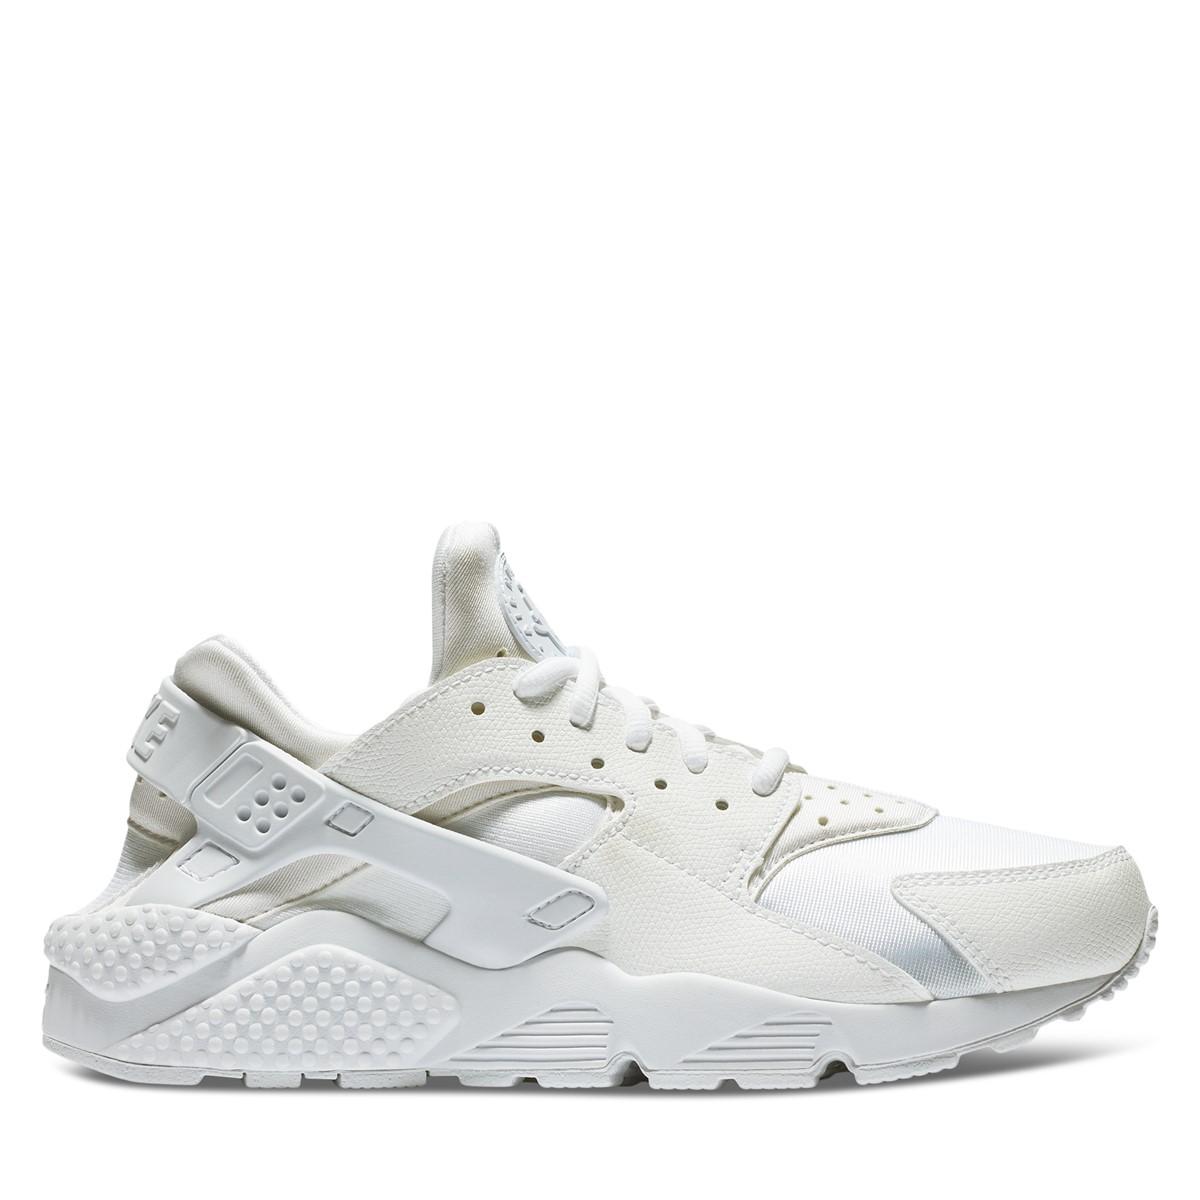 Women's Huarache Run Sneakers in White